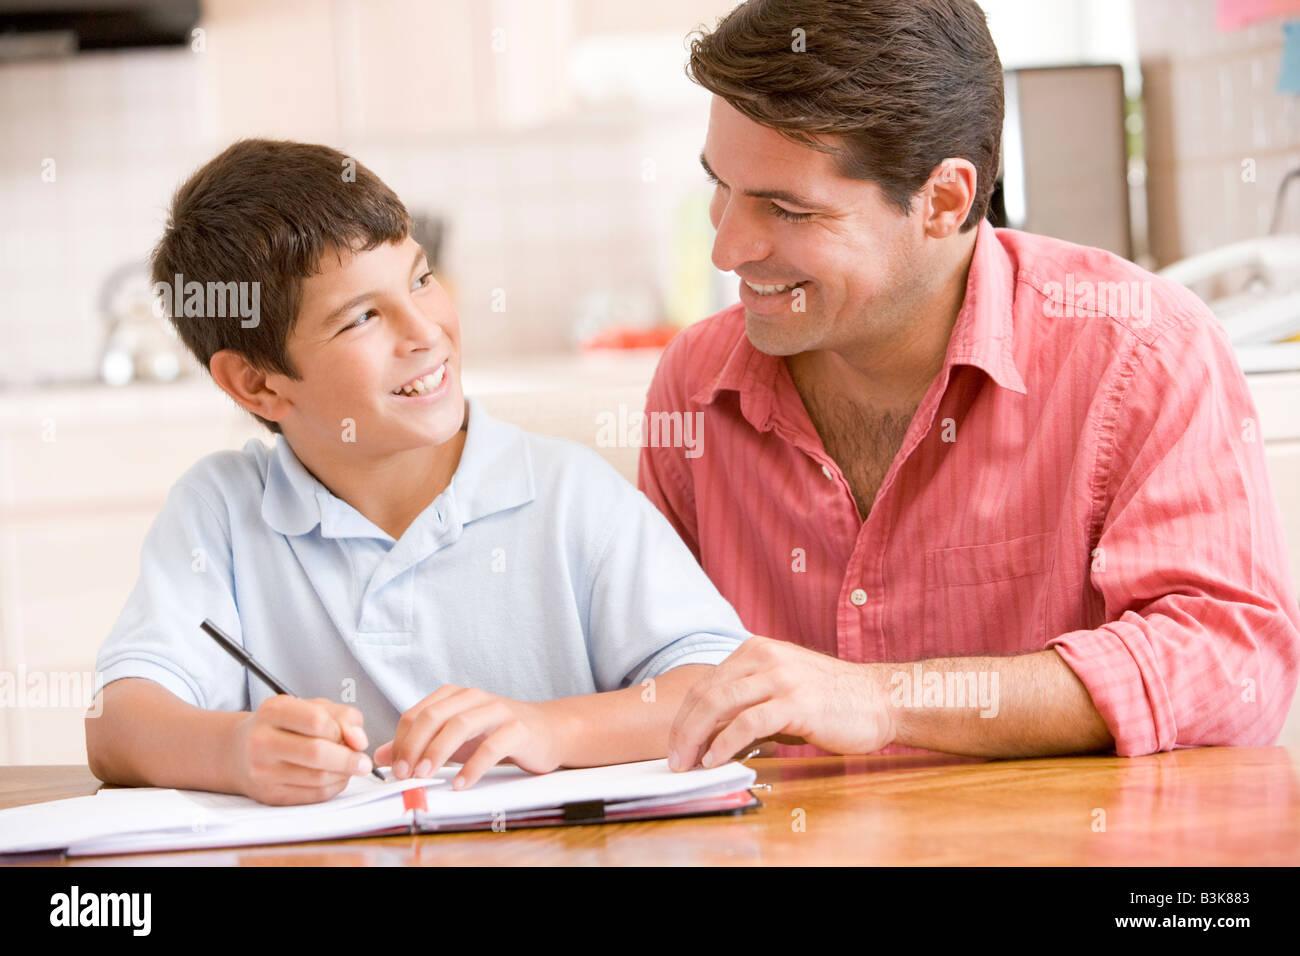 L'uomo aiutando giovane ragazzo in cucina a fare i compiti di scuola e sorridente Foto Stock